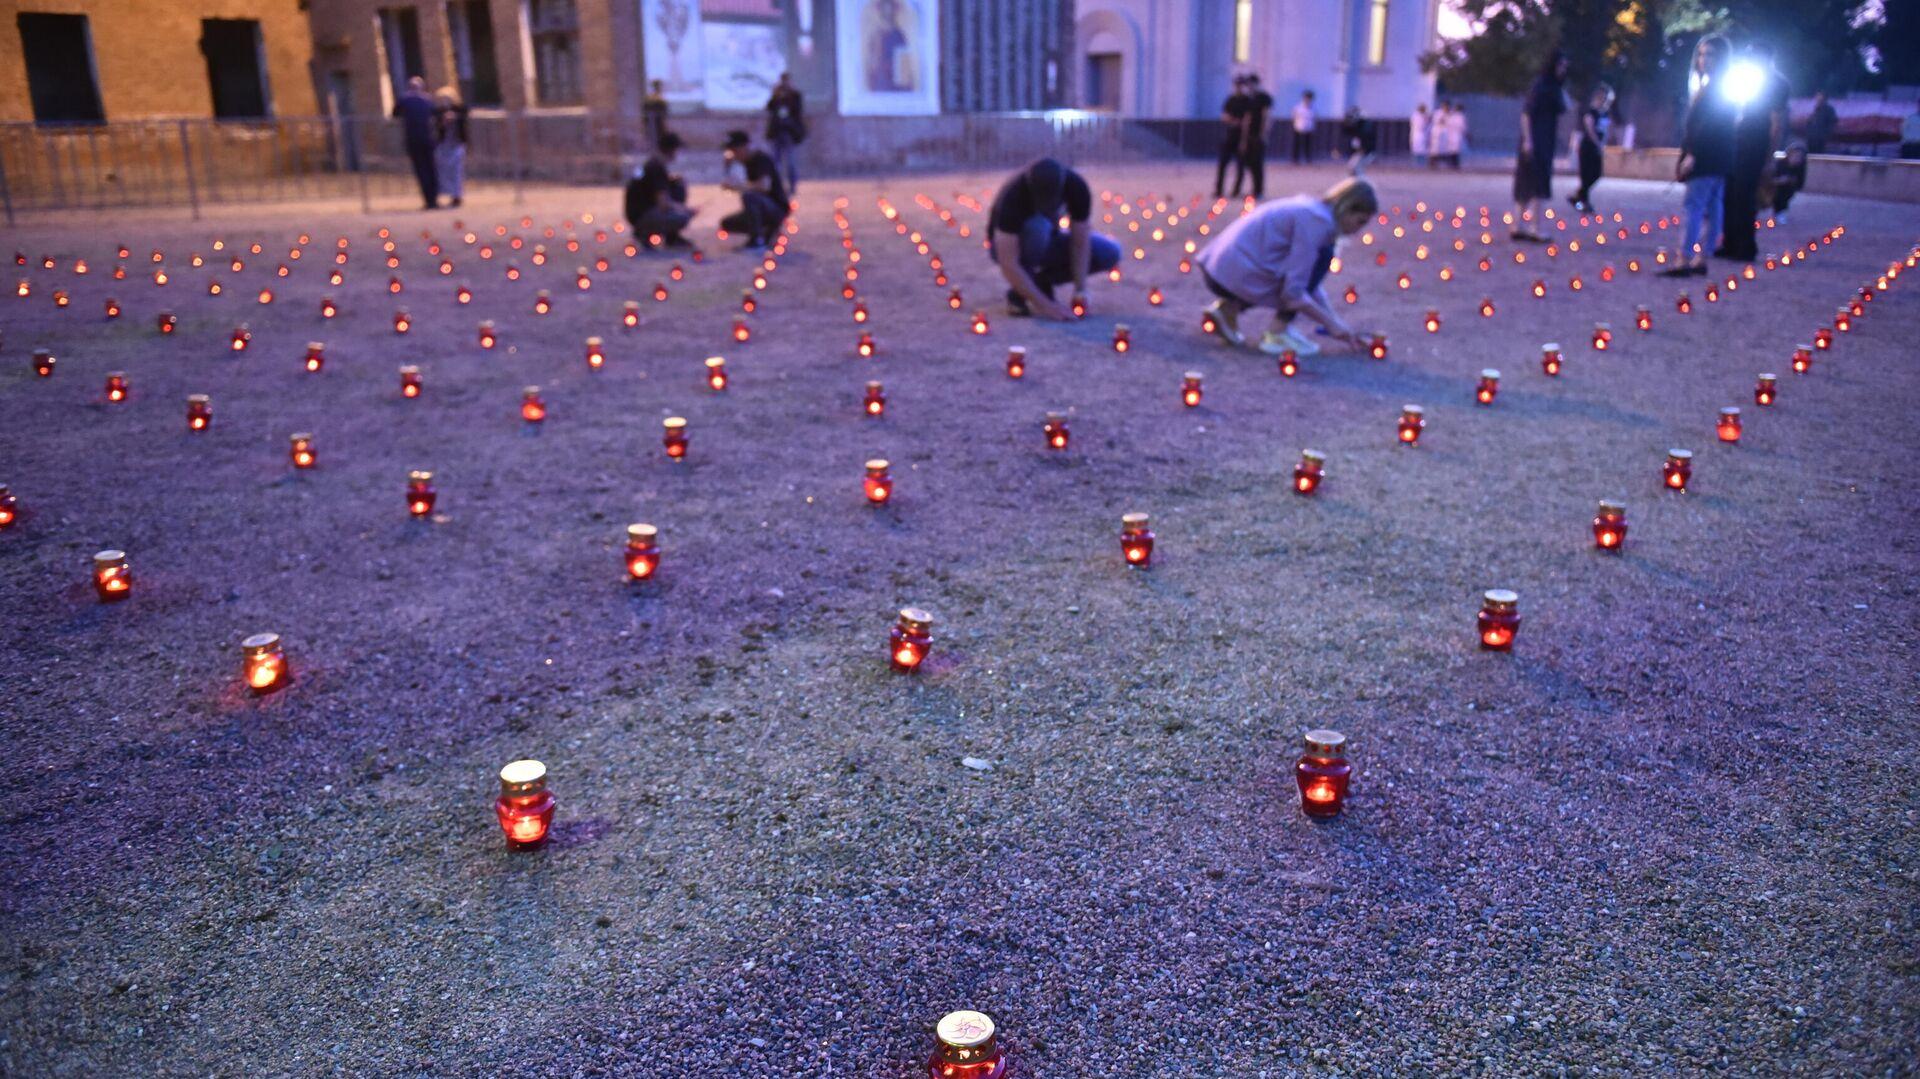 Жители зажигают свечи во дворе бывшей 1-й Бесланской школы в память погибших в теракте 1-3 сентября 2004 года - РИА Новости, 1920, 23.12.2020